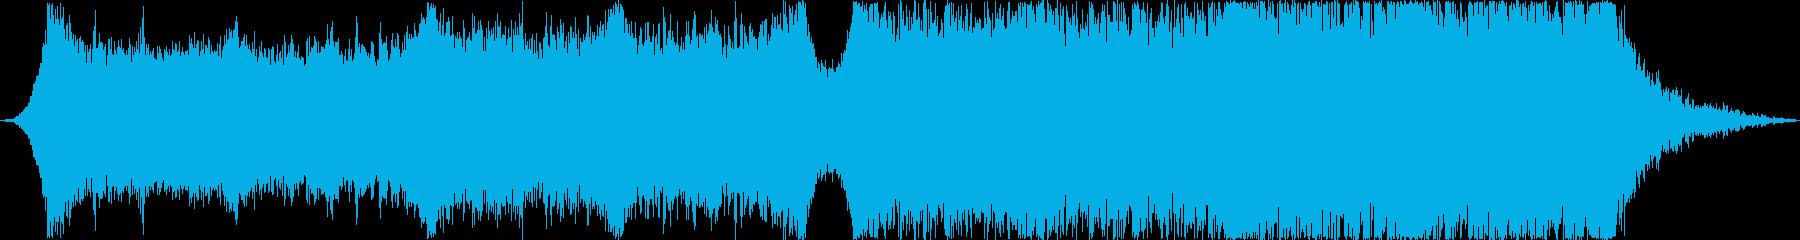 企業VPや映像93、オーケストラ、壮大bの再生済みの波形